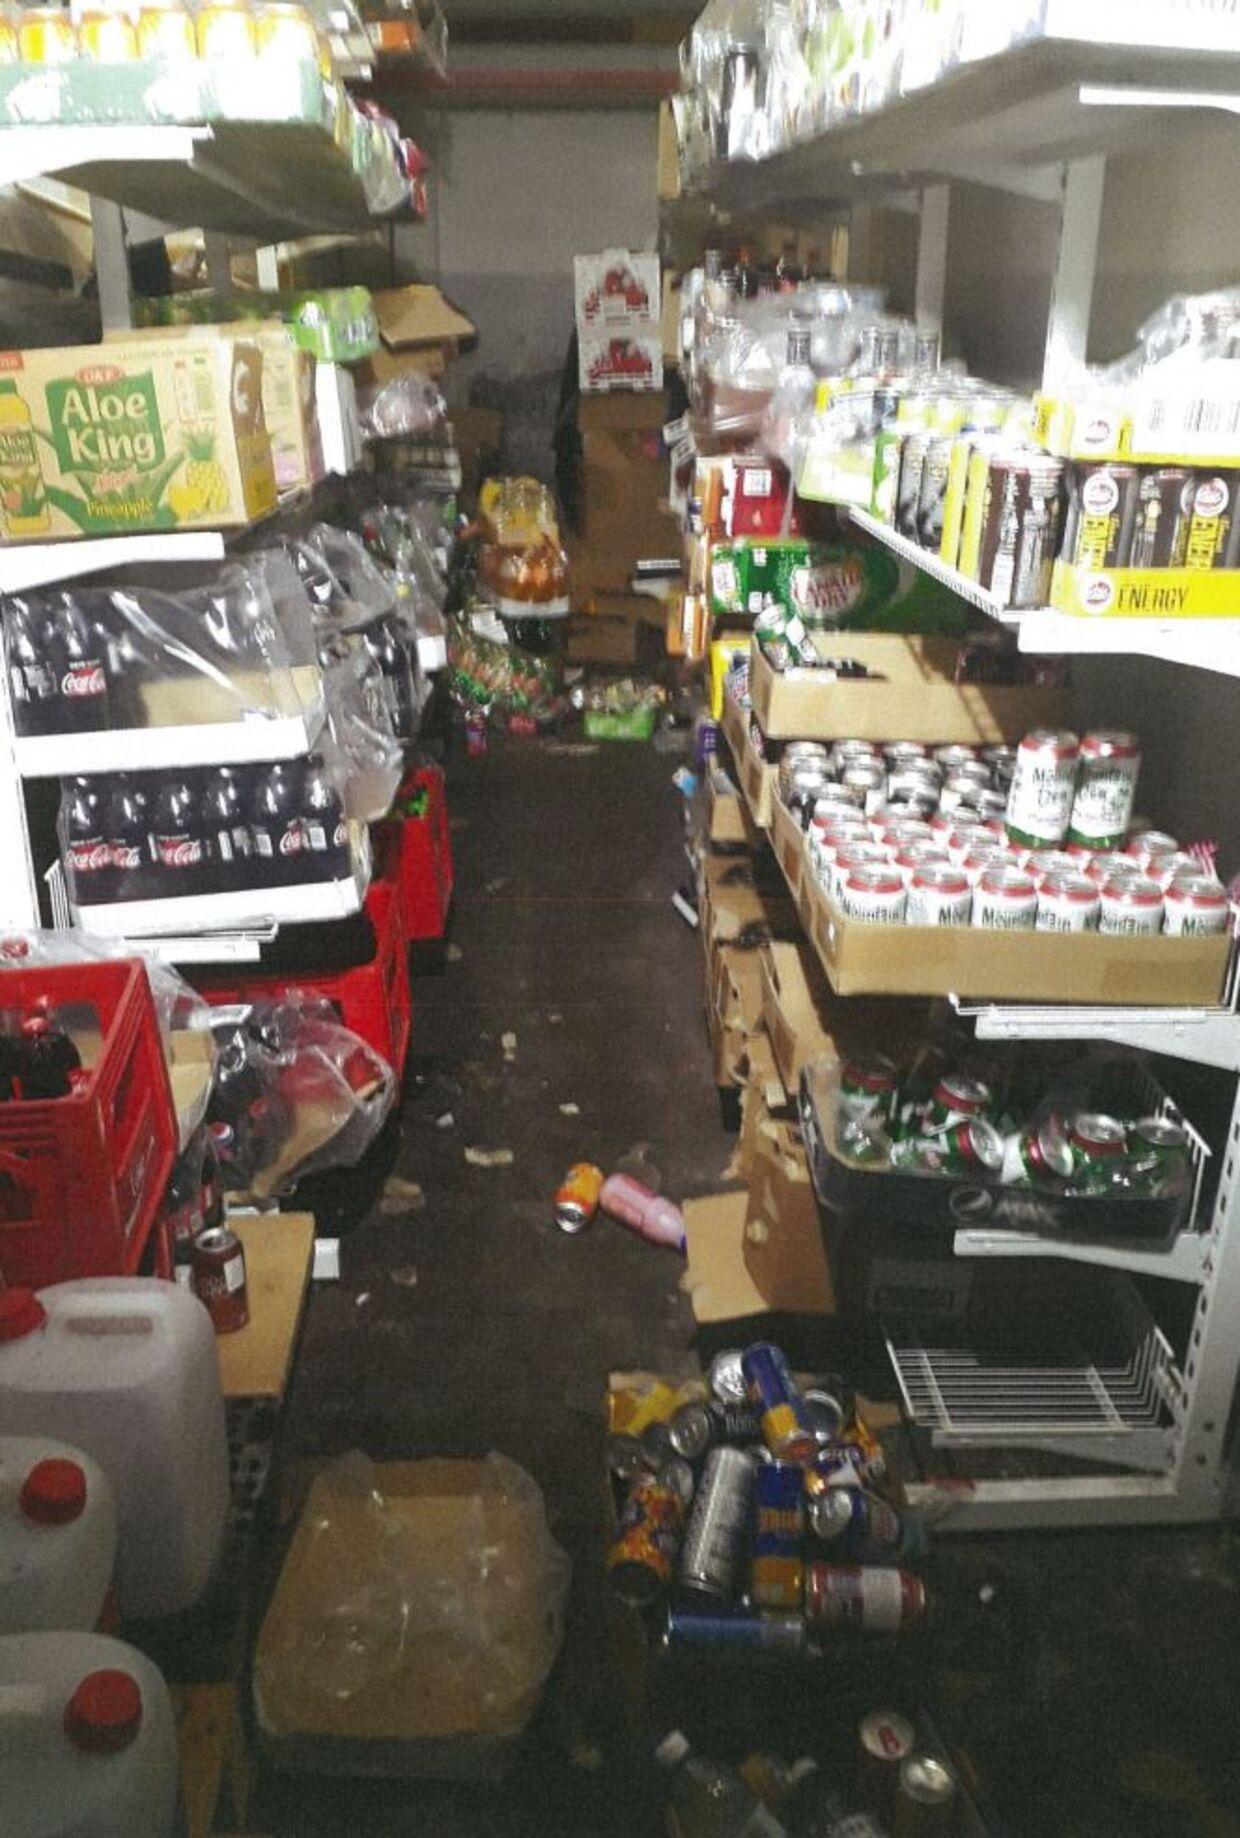 Lager under NamNam Slik på Frederikssundsvej i udkanten af Nørrebro. I juni 2017 tog Fødevarestyrelsen og skattemyndighederne butikken i at have solgt 68 ton slik, som ejeren af butikken ikke kunne fremvise faktura på, hvor han havde købt. Firmaet bag butikken blev politianmeldt. Billedet stammer fra kontrolaktionen.